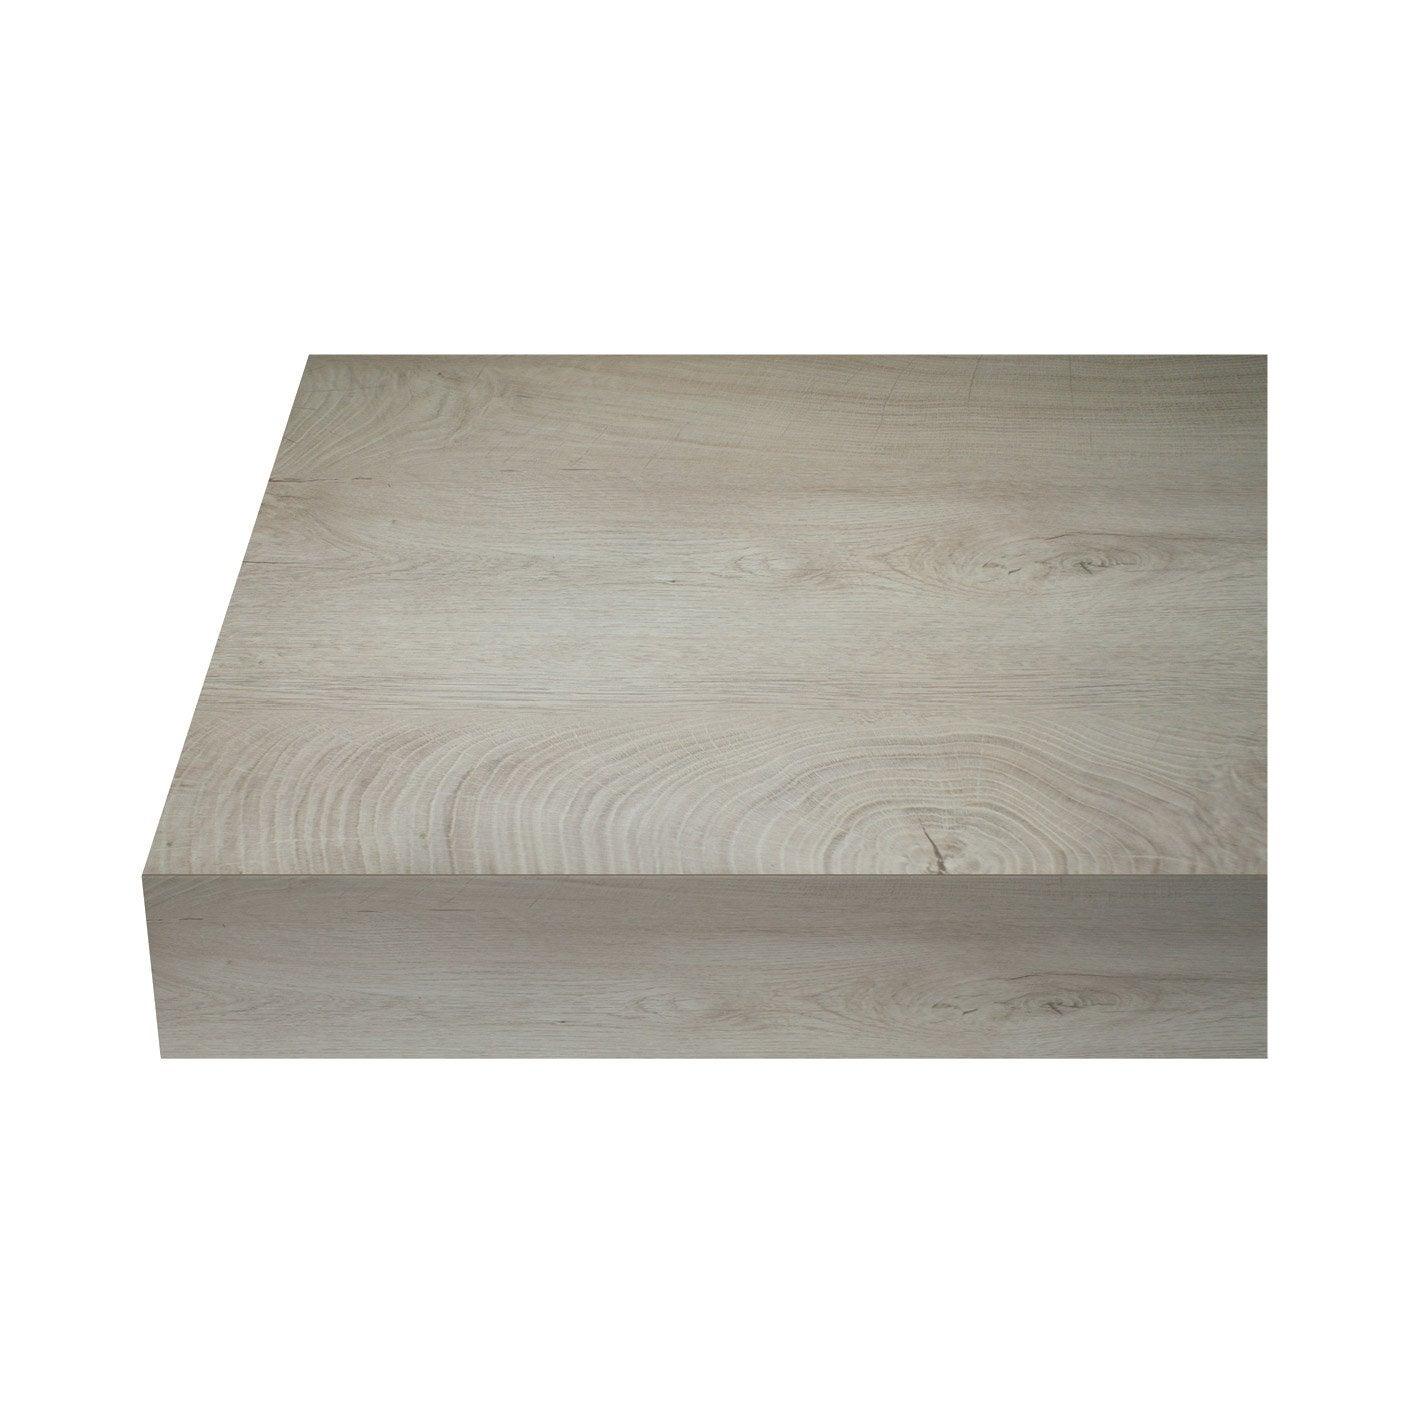 Plan De Travail Stratifié Avis plan de travail stratifié knotwood mat l.315 x p.65 cm, ep.38 mm